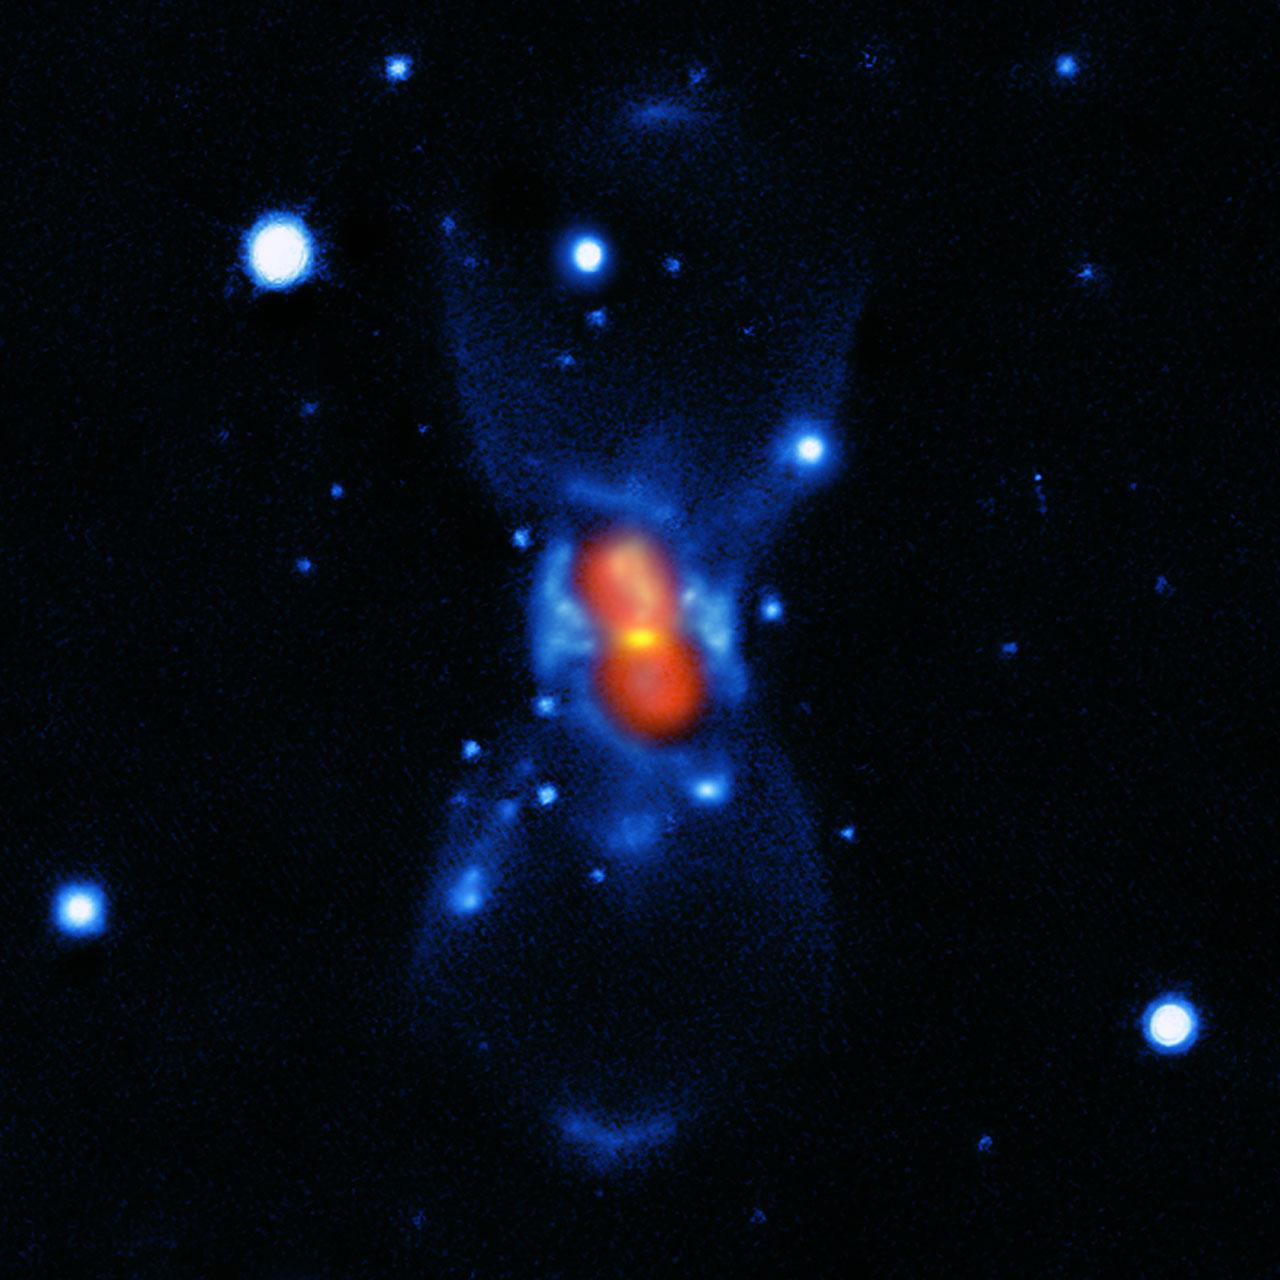 Questa immagine mostra ciò che rimane della nuova stella vista nell'anno 1670. È stata composta a partire da una combinazione di immagini in luce visibile del telescopio Gemini (in blu), una mappa submillimetrica di SMA che mostra la polvere (in verde) e la mappa dell'emissione molecolare di APEX e SMA (in rosso). La stella che gli astronomi europei videro nel 1670 non era una nova, ma un tipo molto più raro e violento di collisione stellare, abbastanza spettacolare da essere visibile facilmente a occhio nudo durante il primo scoppio. Invece, le tracce lasciate sono così deboli che era necessaria un'analisi accurata con telescopi nella banda submillimetrica per poter risolvere l'enigma, svelato finalmente più di 340 anni dopo. Crediti: ESO/T. Kamiński